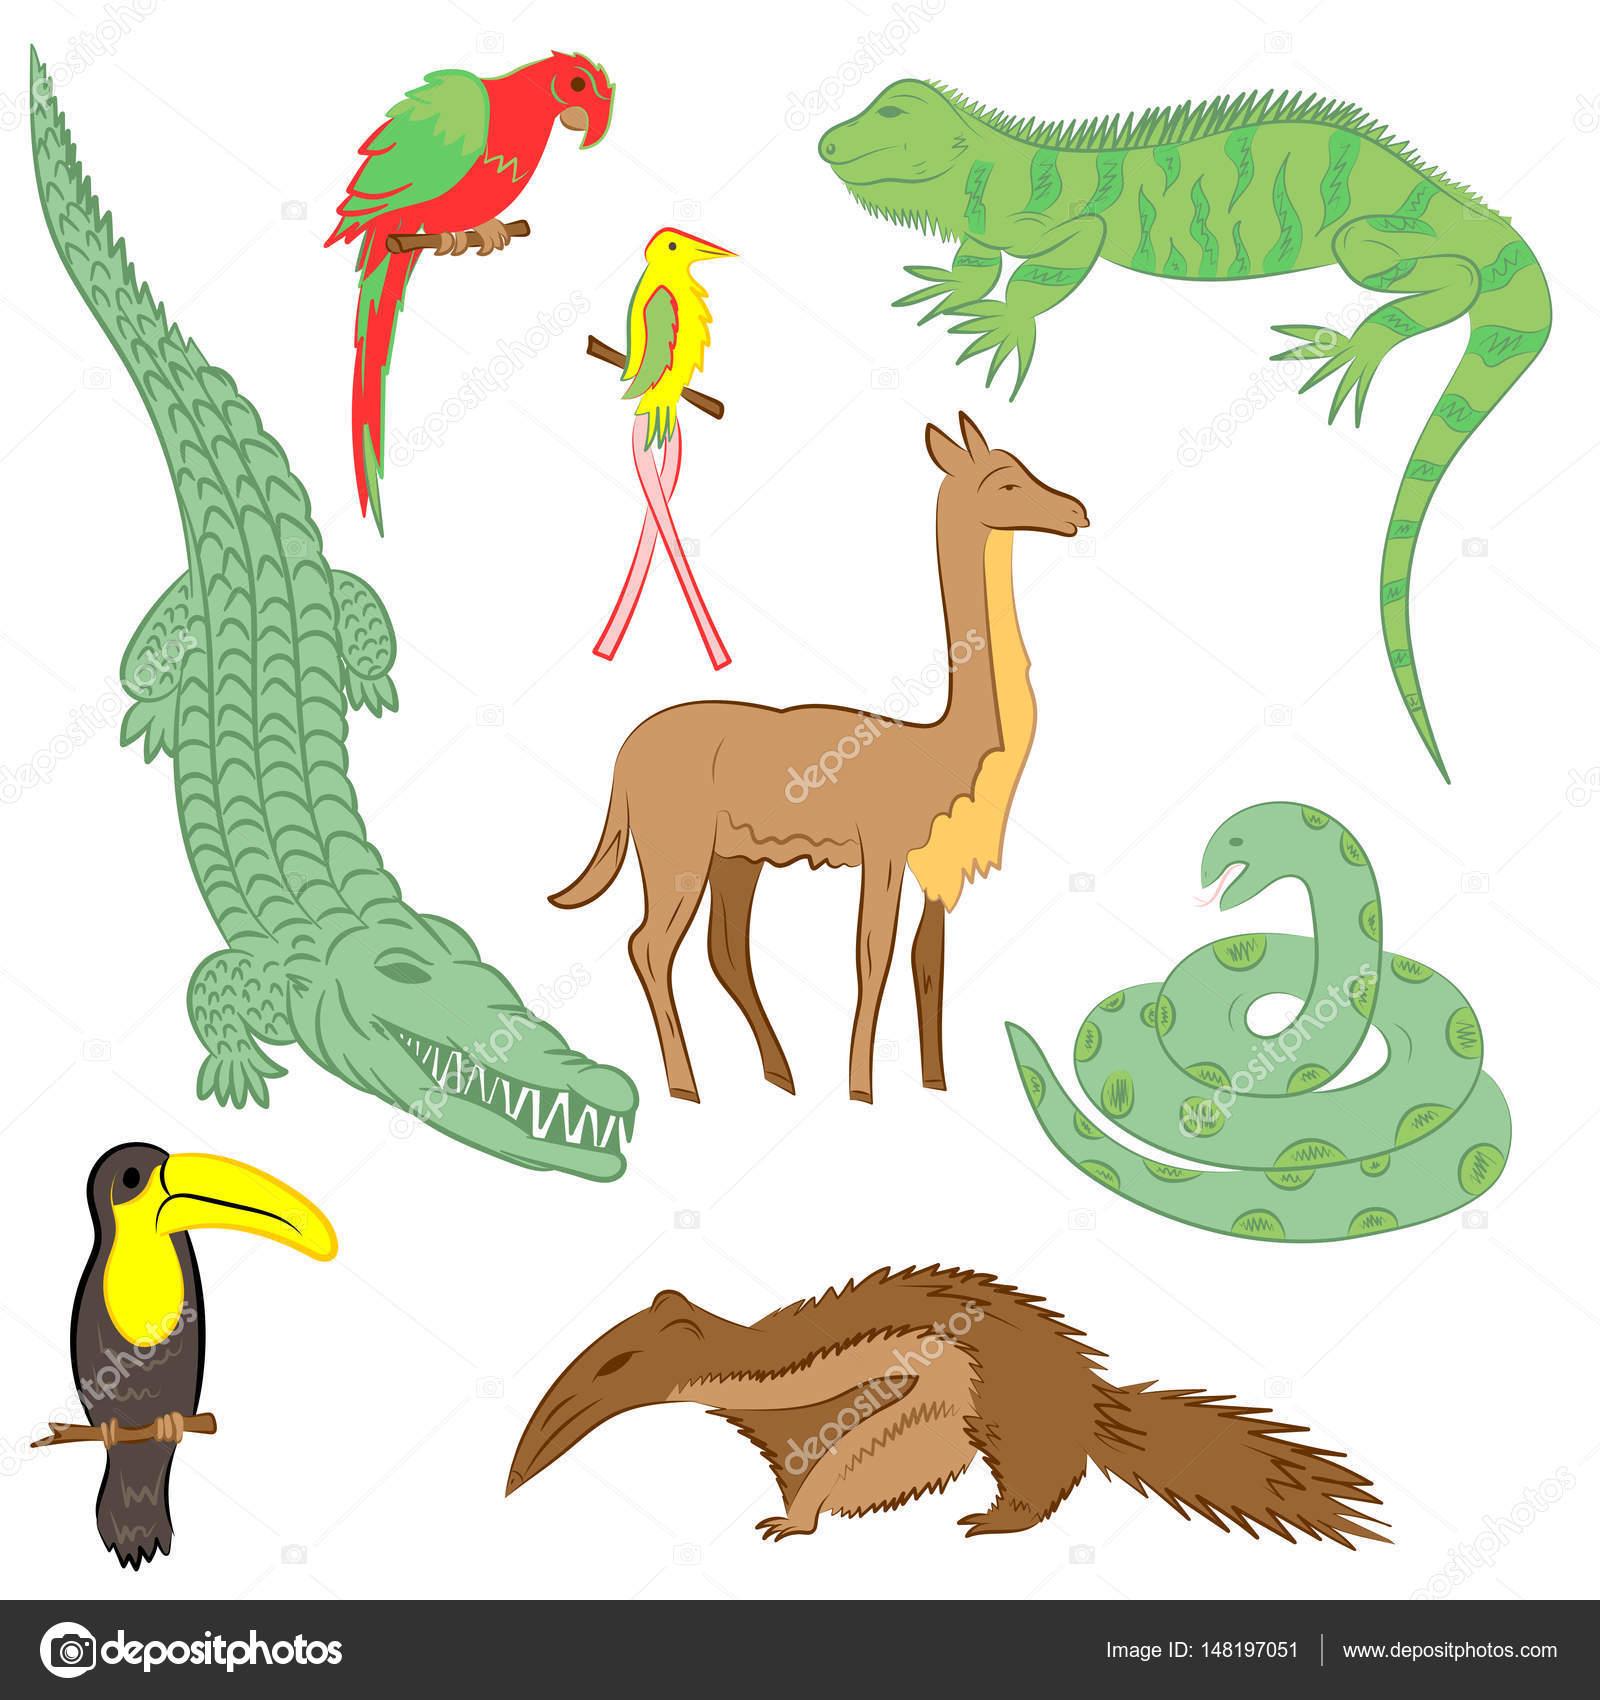 Disegni Di Coccodrilli Colorati Animali Colorati Disegnati A Mano